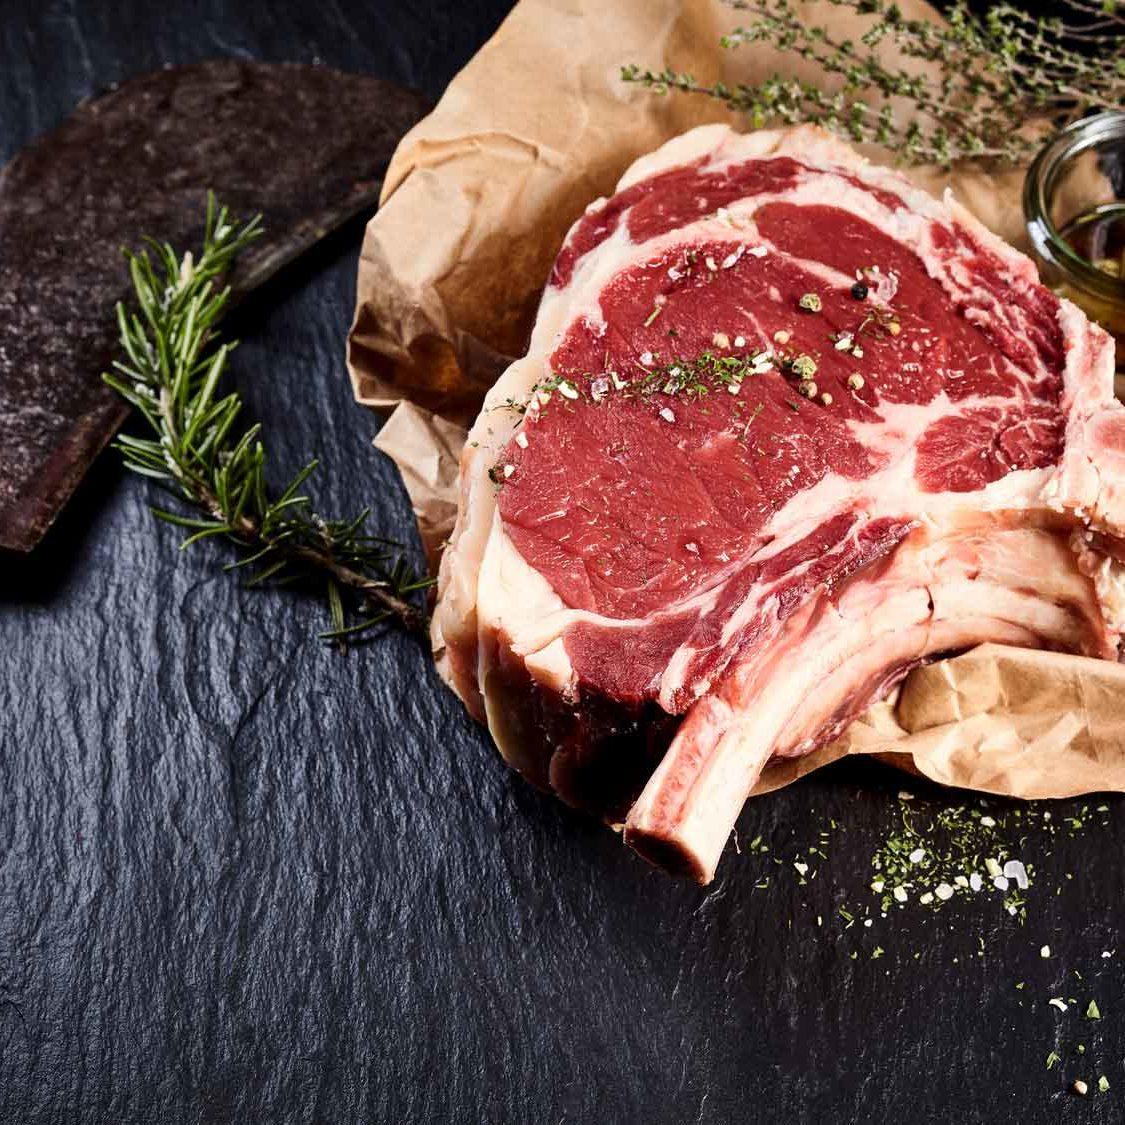 Ein guter Mix aus bestem Fett und eiweißreichem roten Rindfleisch – einfach lecker.